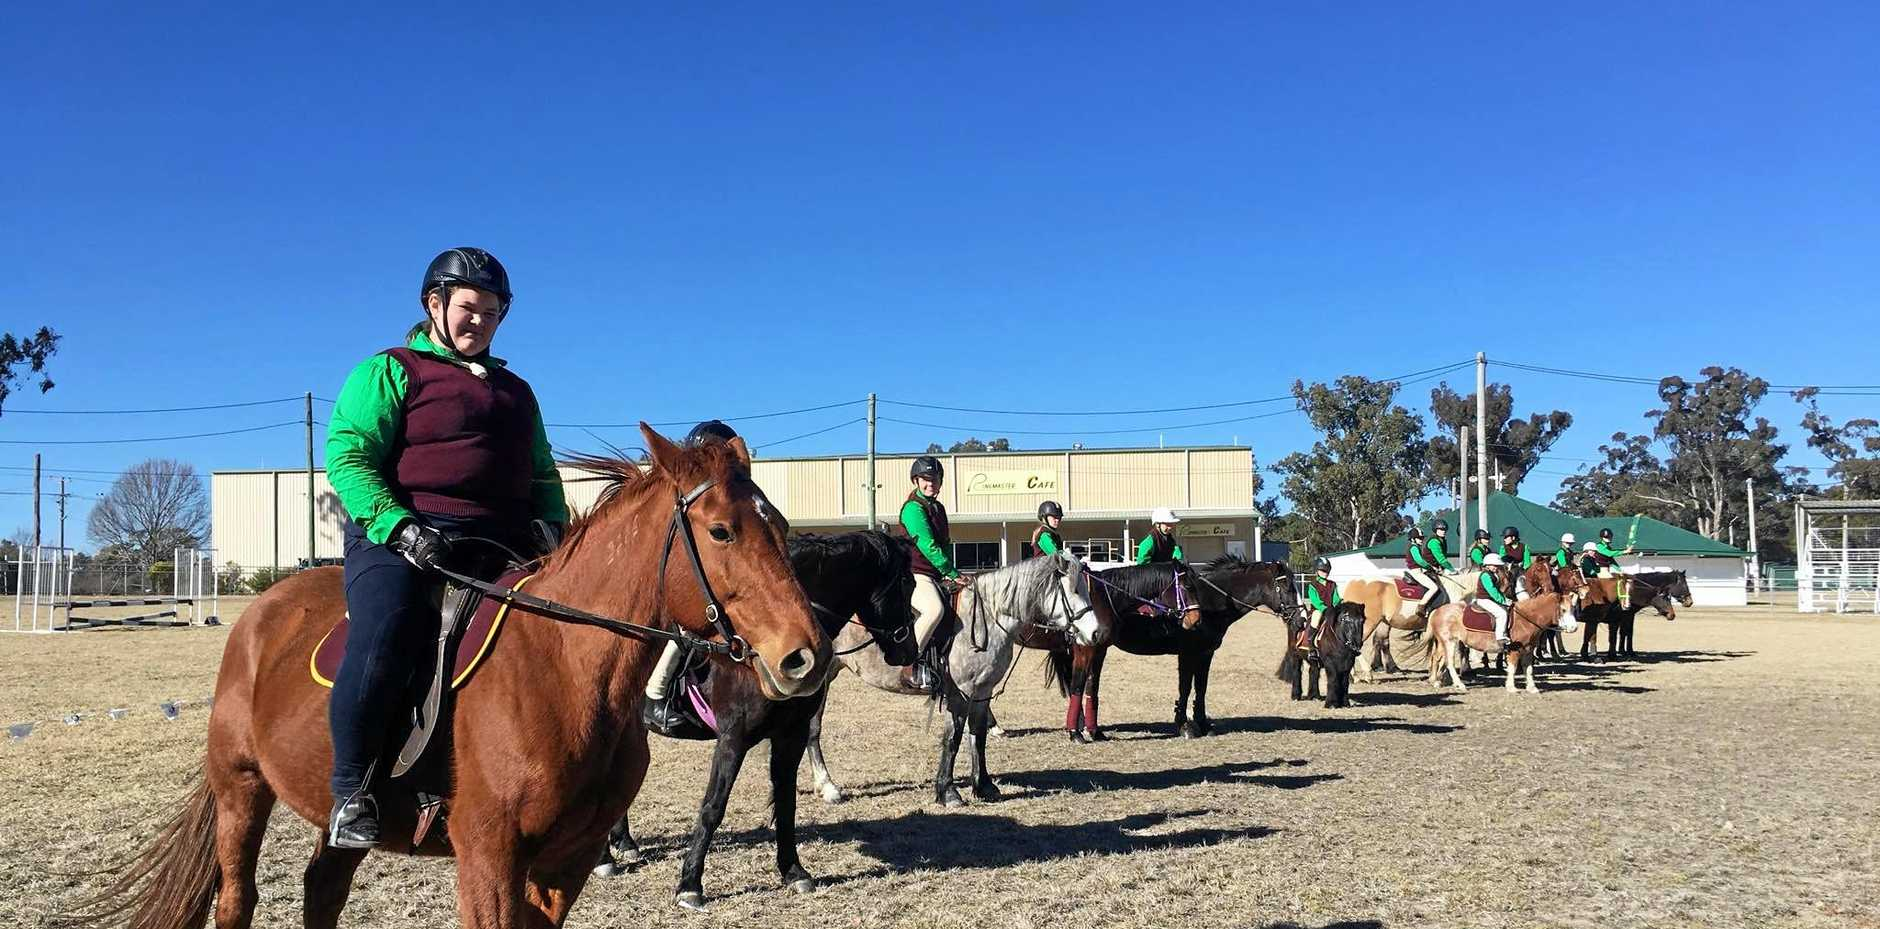 Riders saddled up for the Stanthorpe Gymkhana.